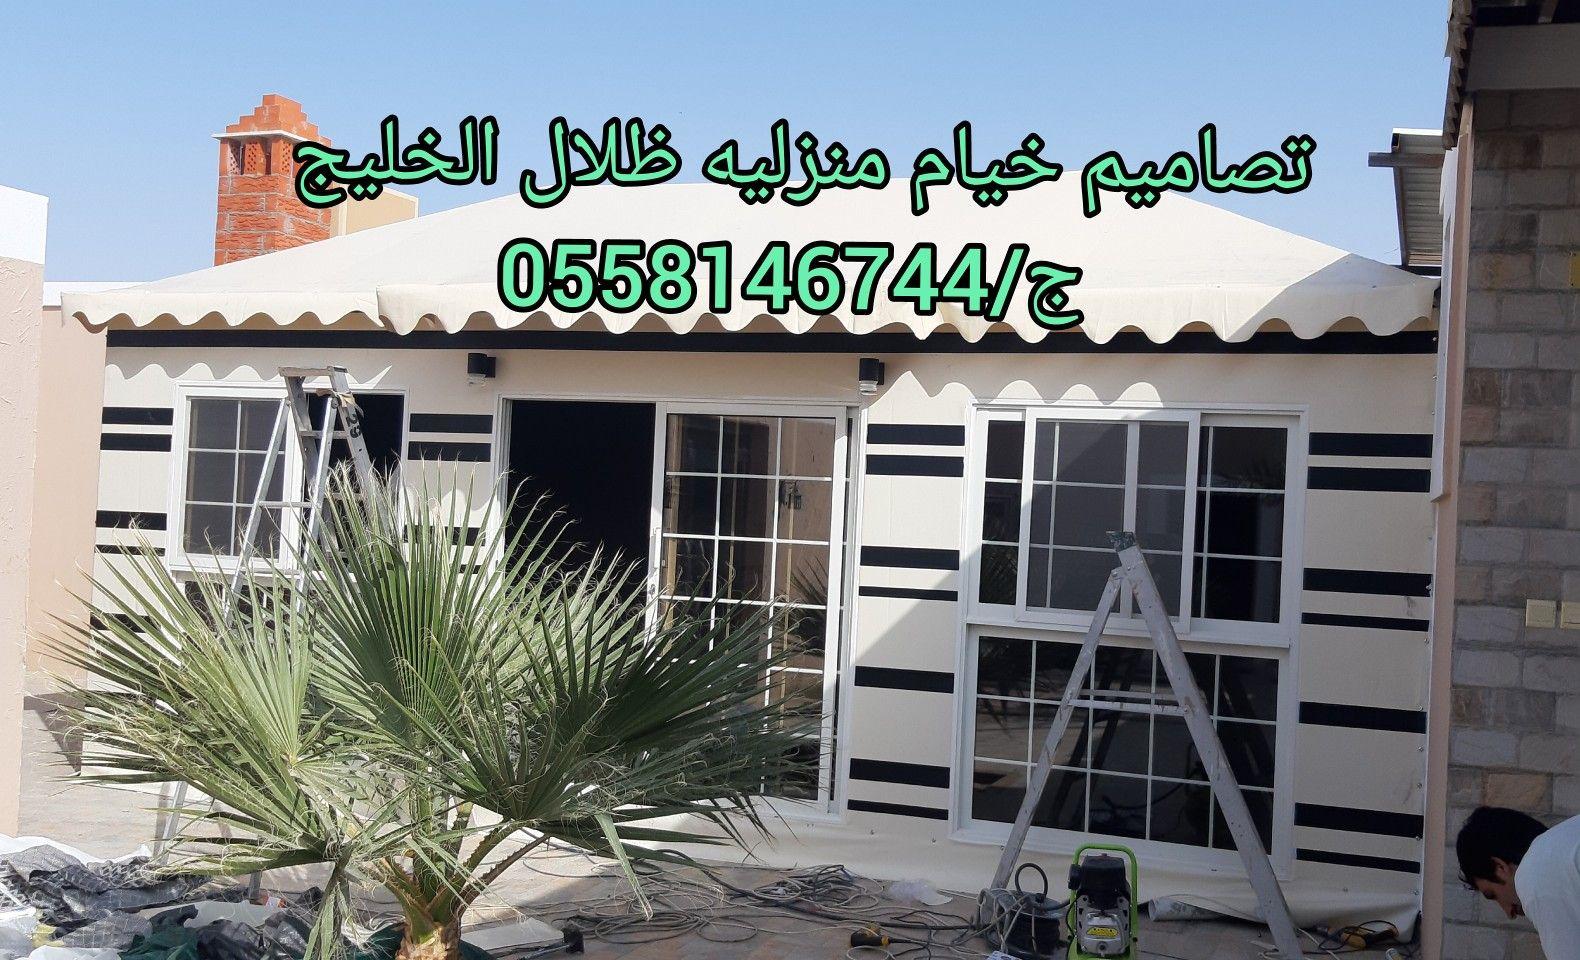 تلبيس صيانه خيام بيوت شعر من الداخل الرياض In 2020 Building Outdoor Decor Outdoor